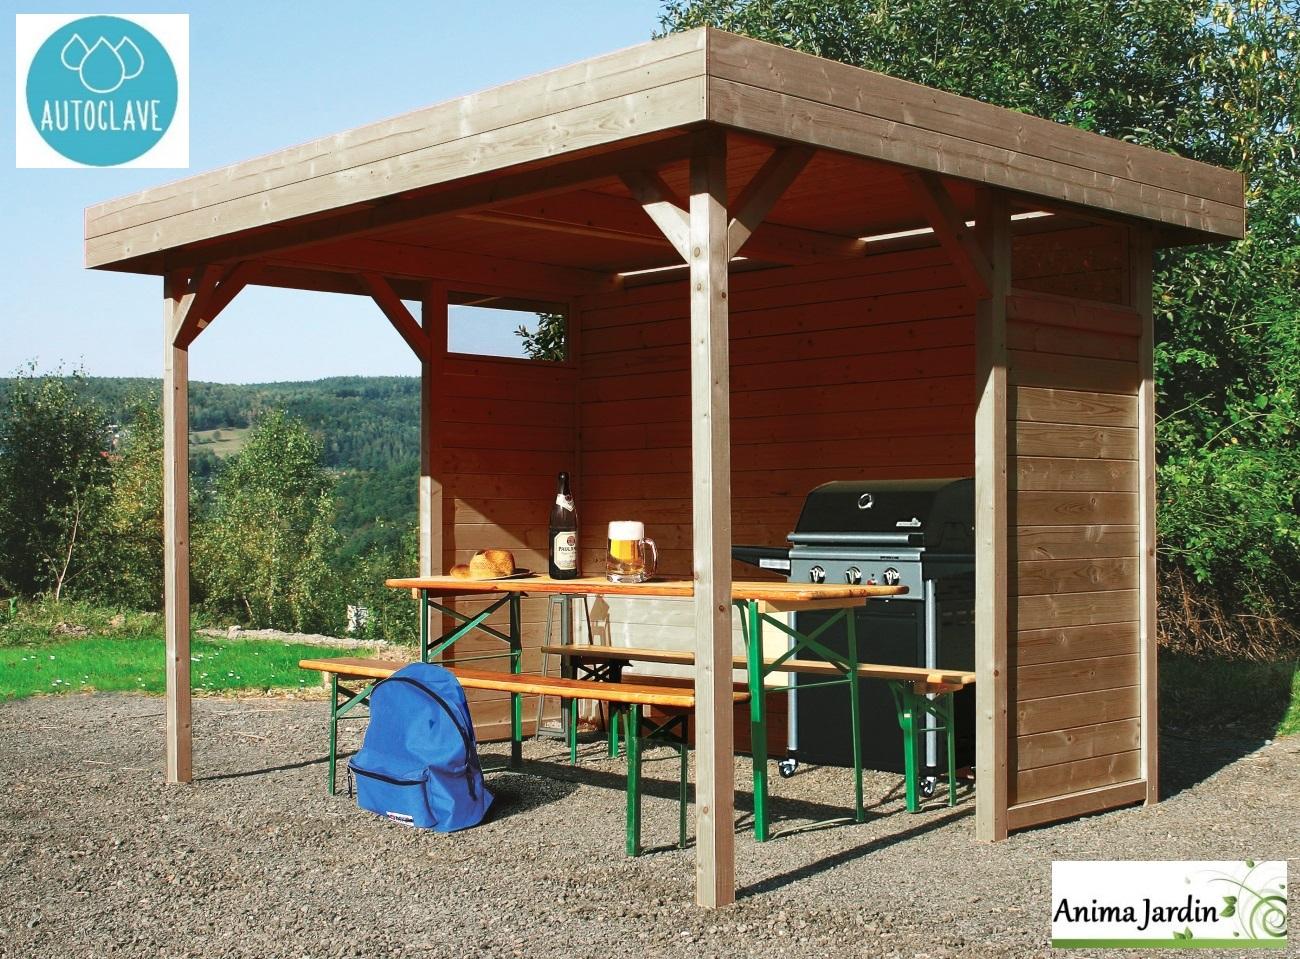 Pavillon De Jardin En Bois Autoclave 19Mm, Regensburg, 5M² ... concernant Abri Bois Exterieur